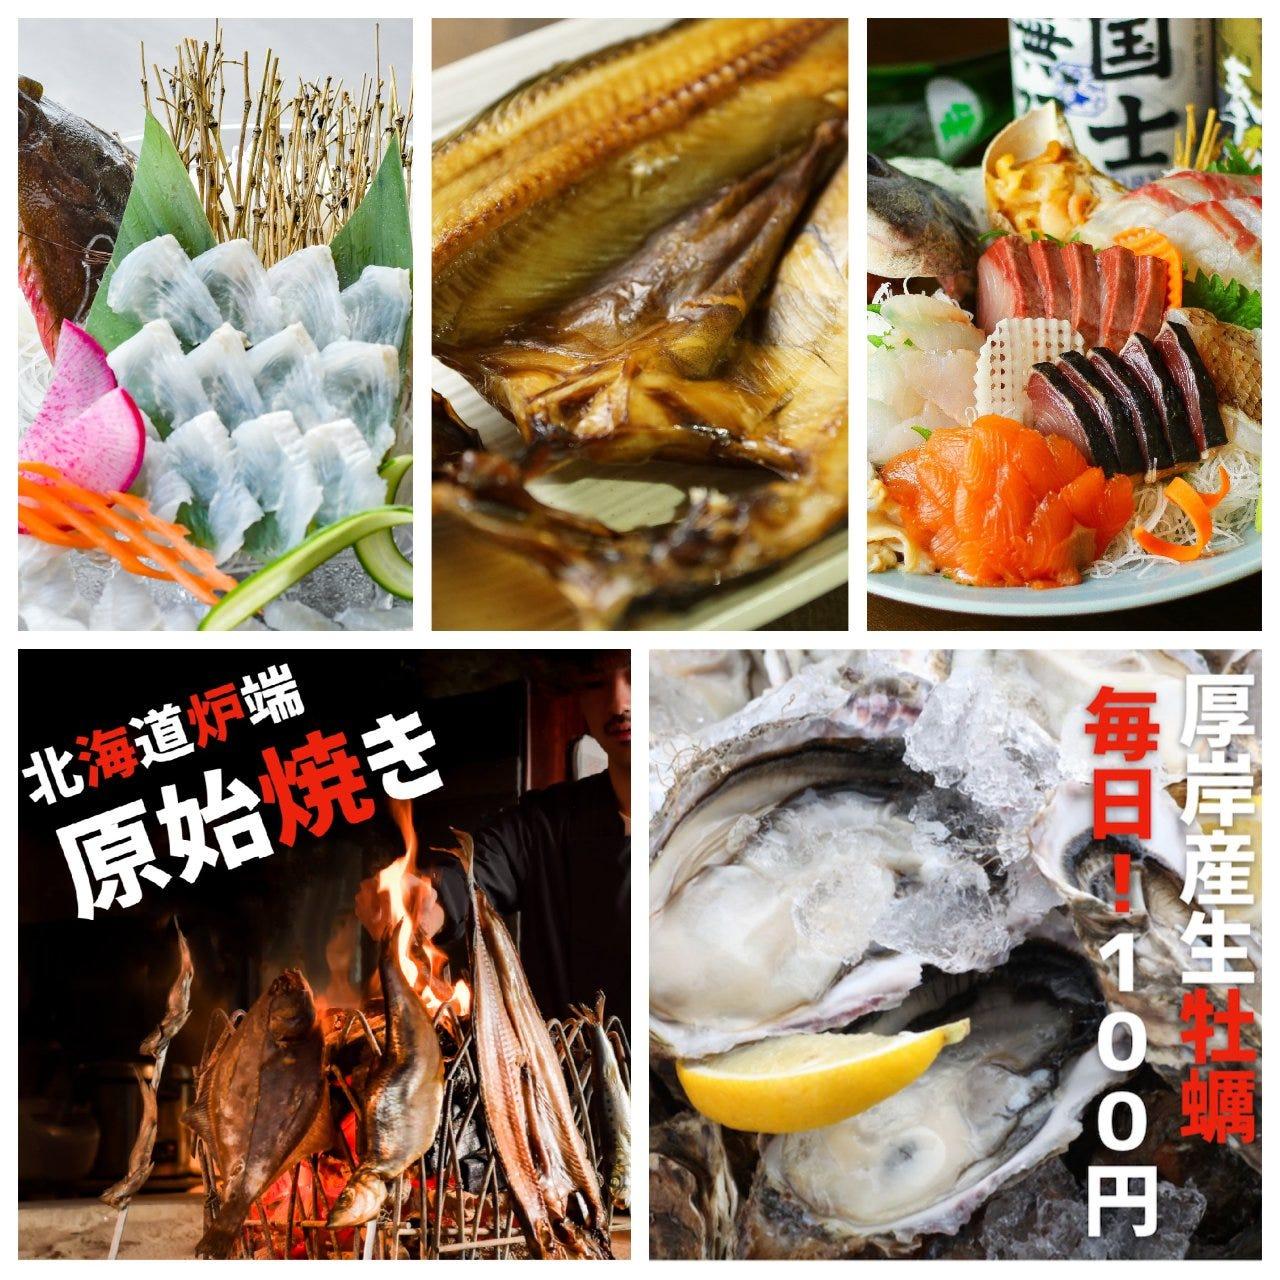 活魚と焼魚 原始焼き酒場ルンゴカーニバル